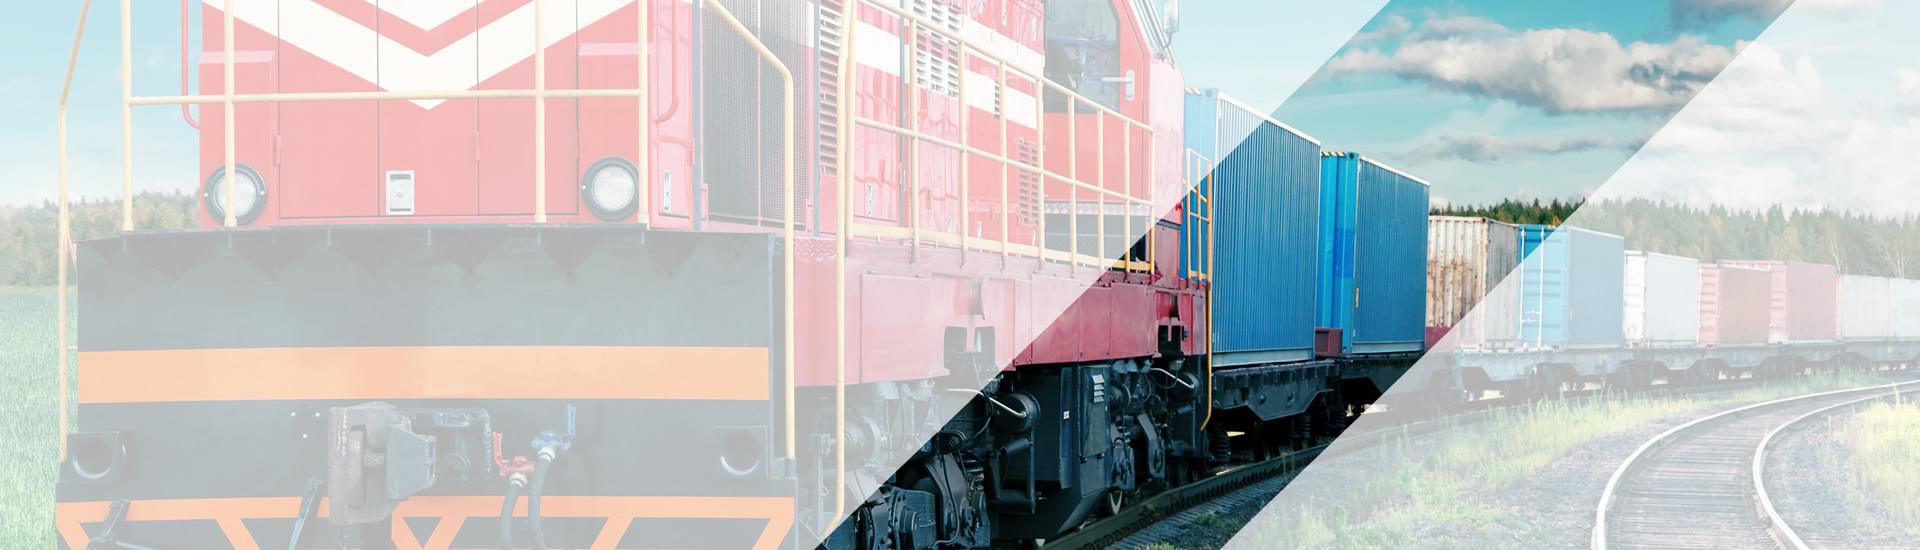 slider_back_train